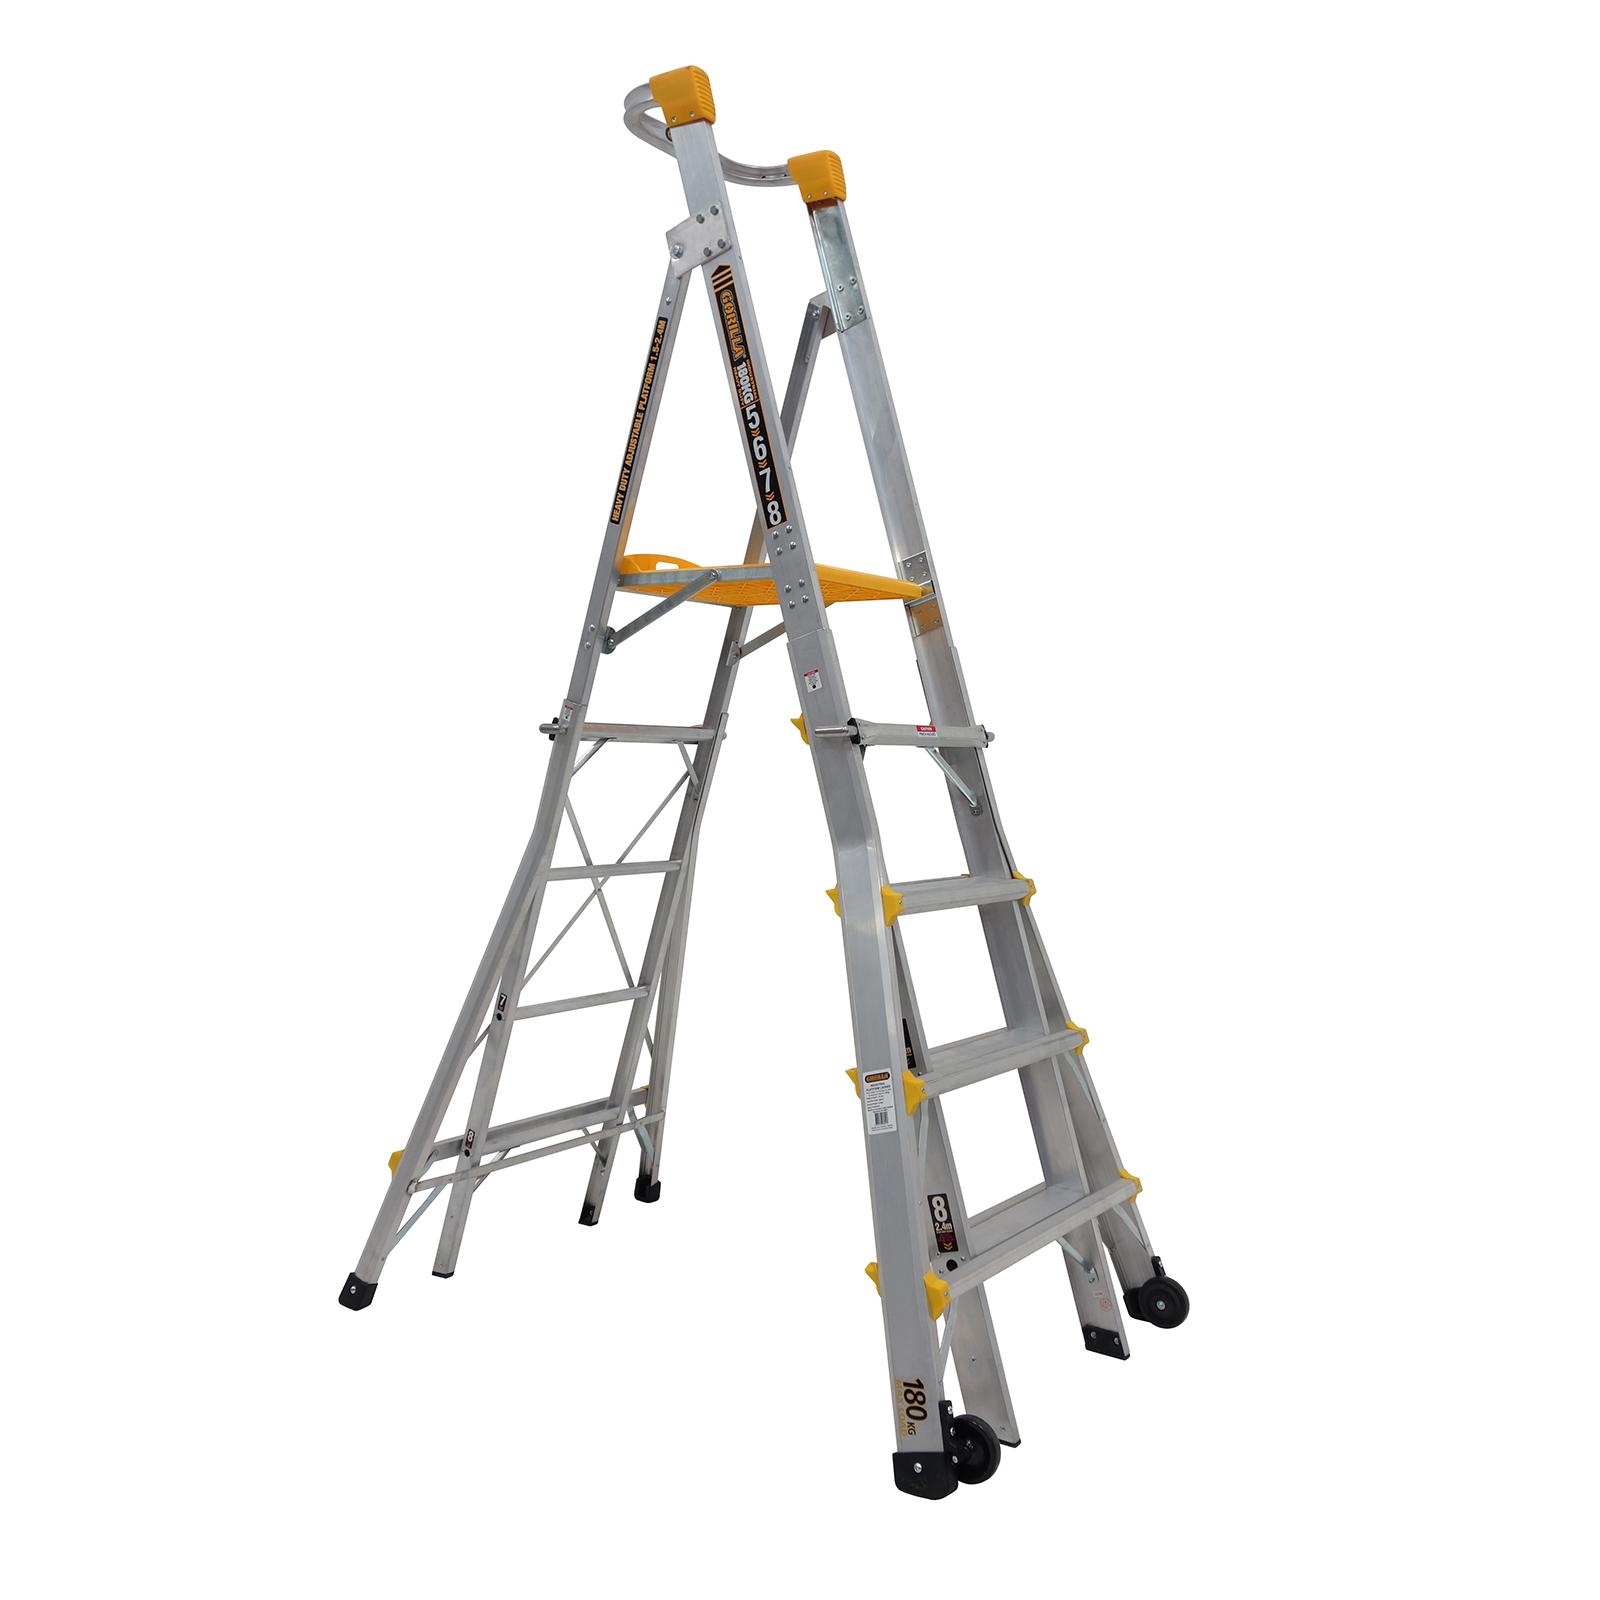 Gorilla 1.5-2.4m Heavy Duty Adjustable Aluminium Platform Ladder PL0508-HD